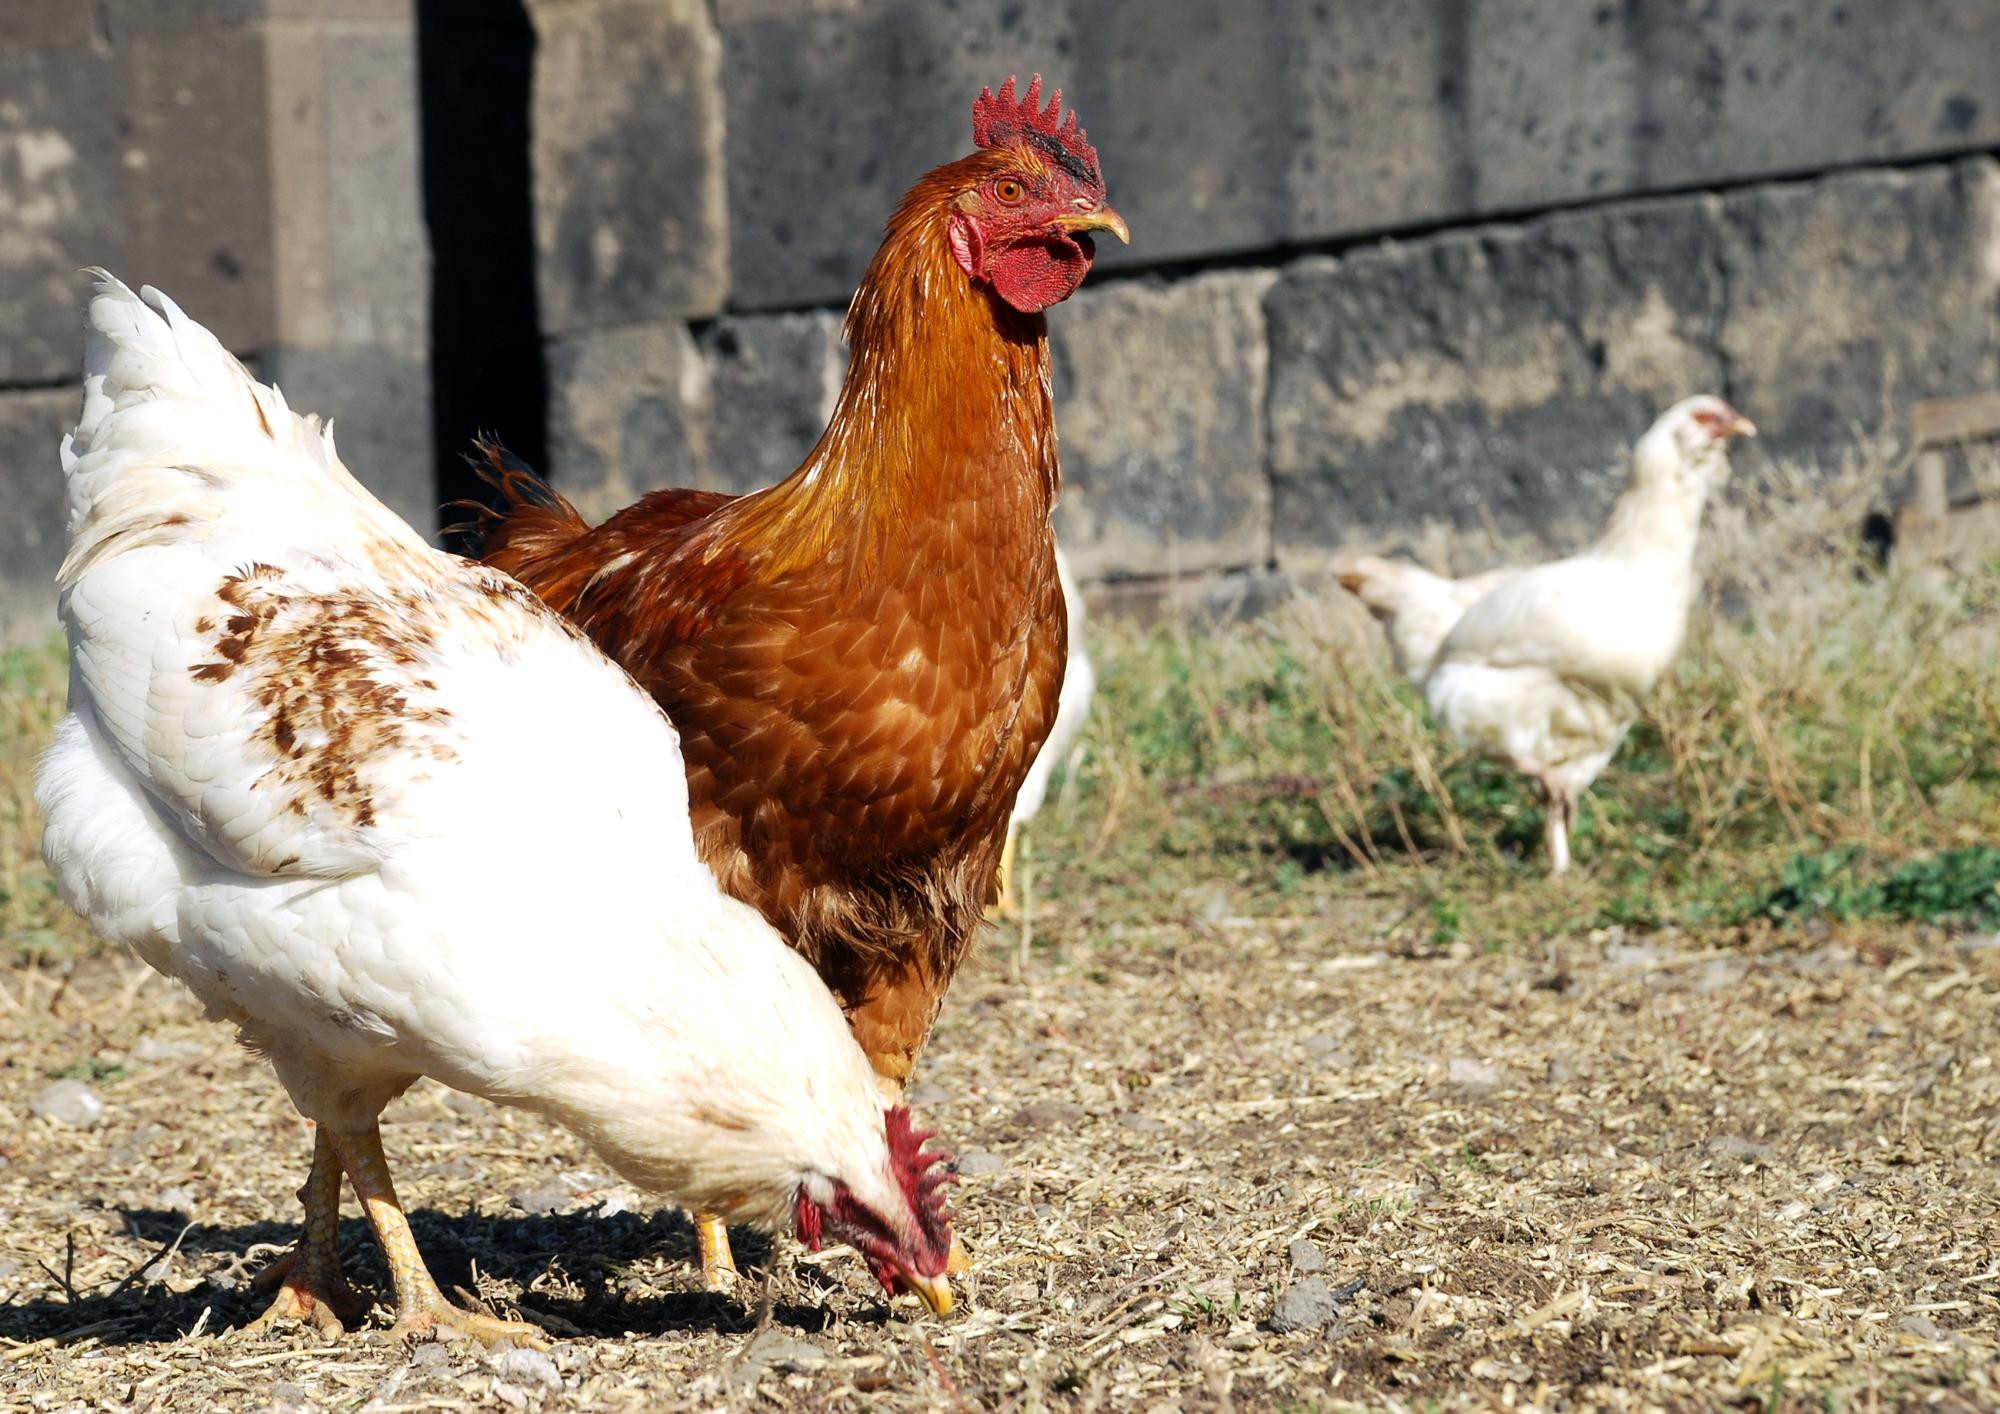 Carcaças de frangos de corte tipo caipira alimentados com rações contendo farelo integral